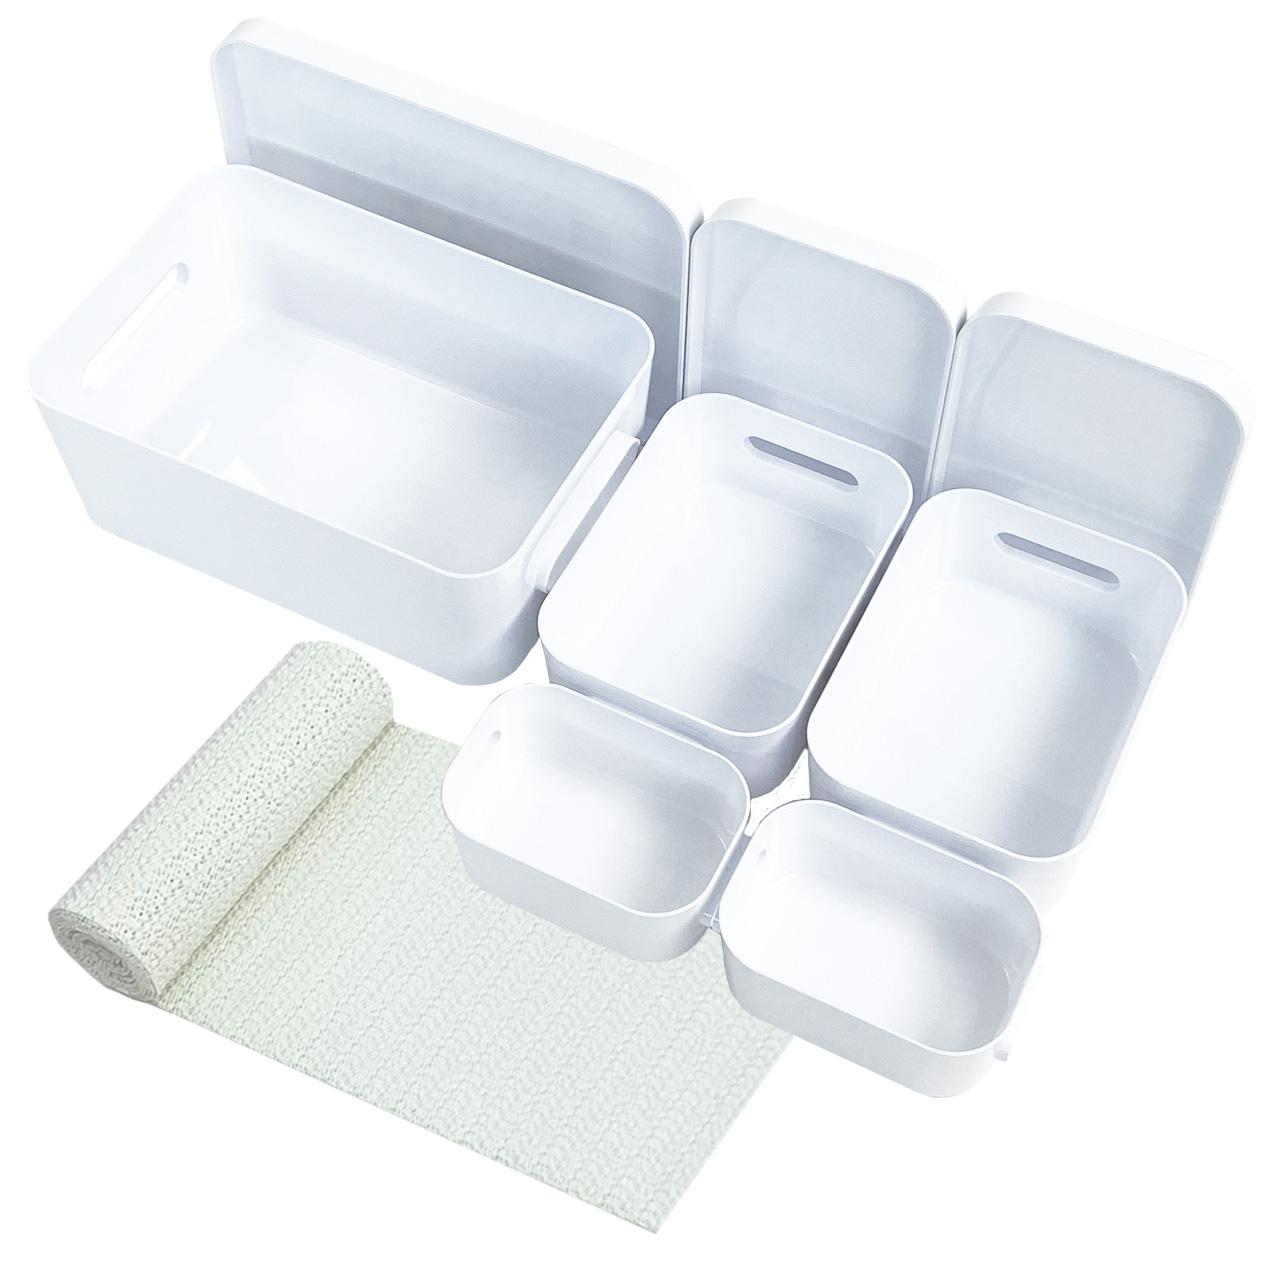 Boxen-Organizer-Set, Weiss mit Antirutsch-Unterlage (Mixed-8er-Set inkl. Deckel)